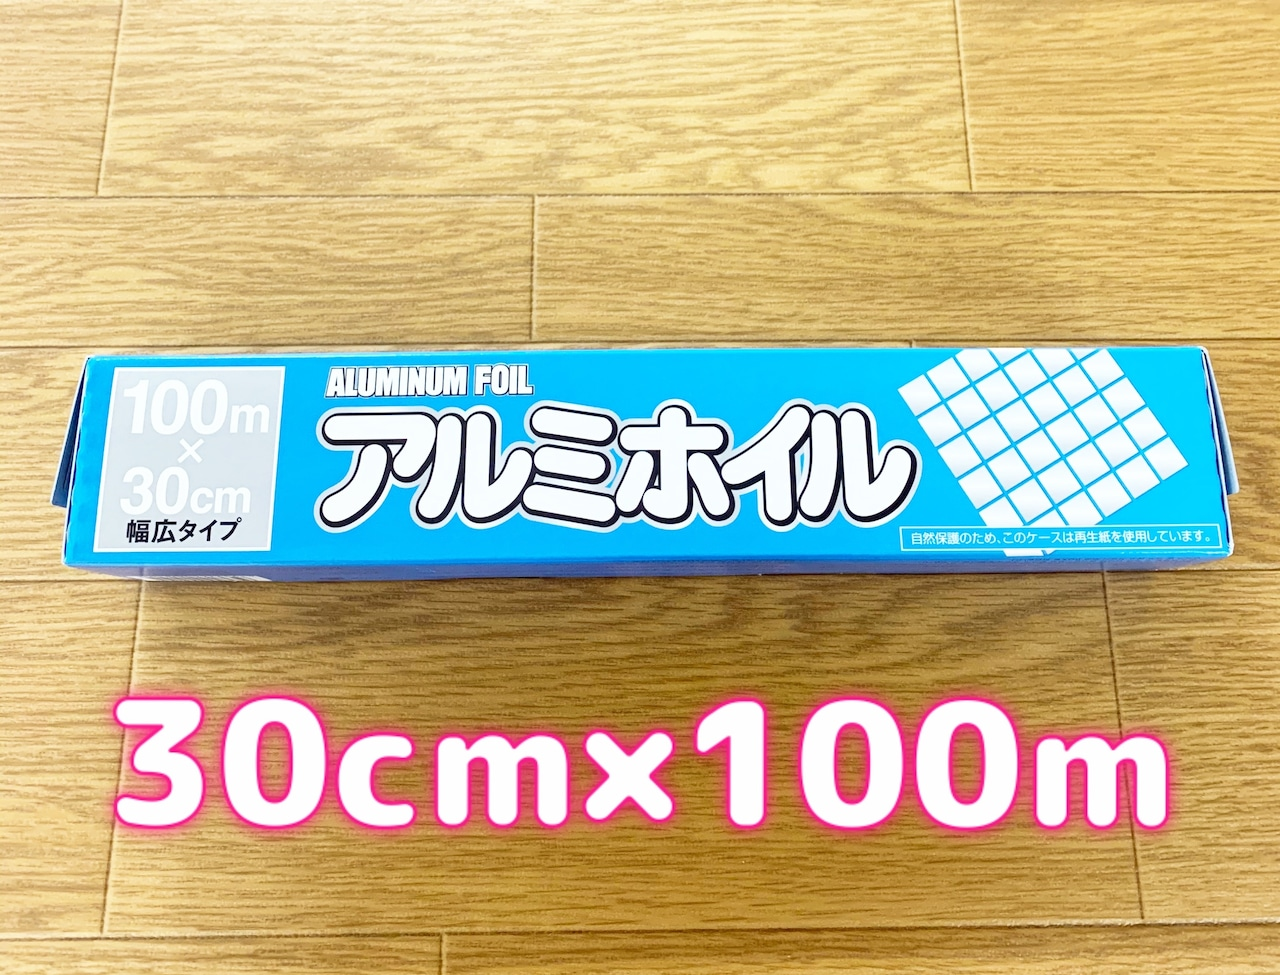 アルミホイル 30cmx100m